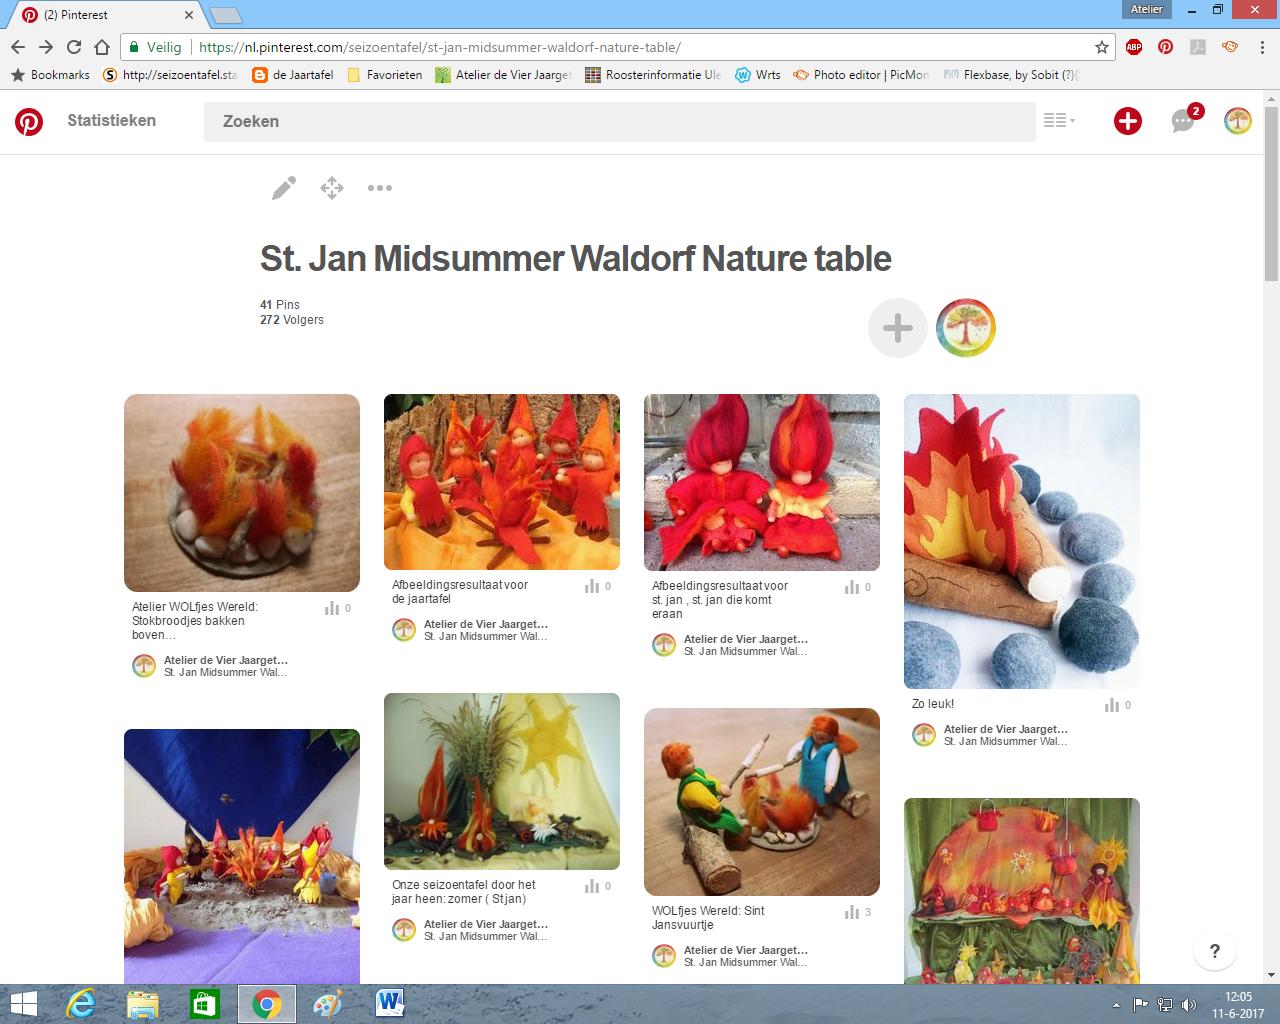 Sint Jan waldorf nature table Atelier de Vier Jaargetijden